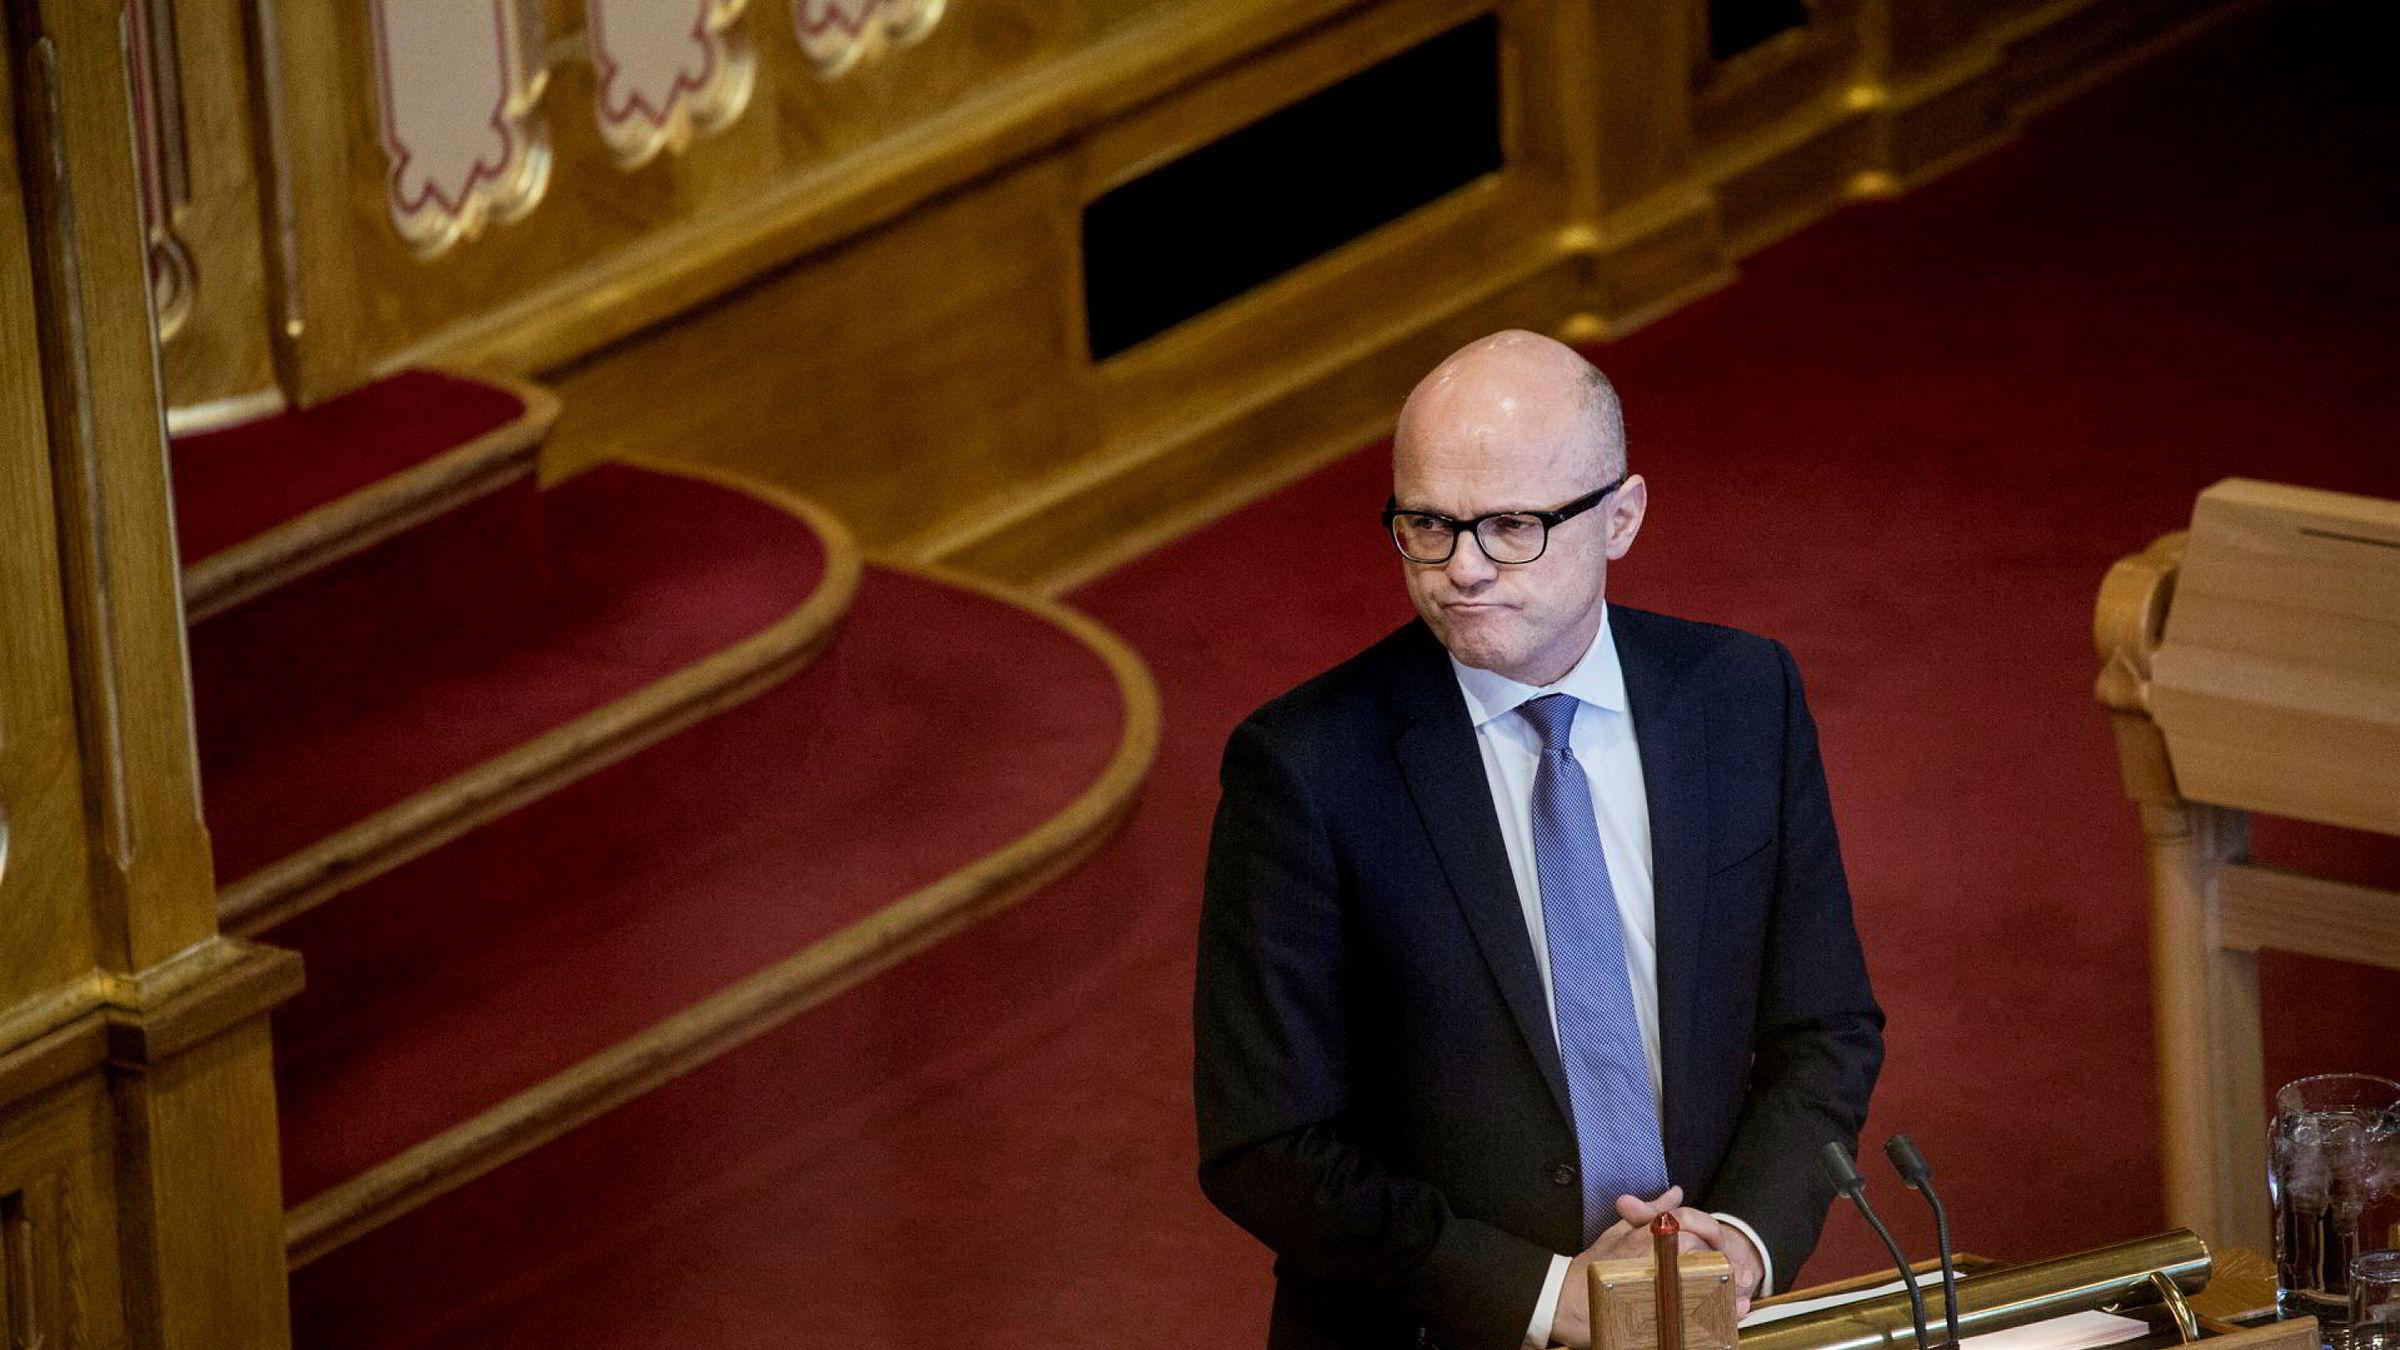 Det ble ulv igjen for klima- og miljøminister Vidar Helgesen da han stilte i Stortingets spontanspørretime onsdag.